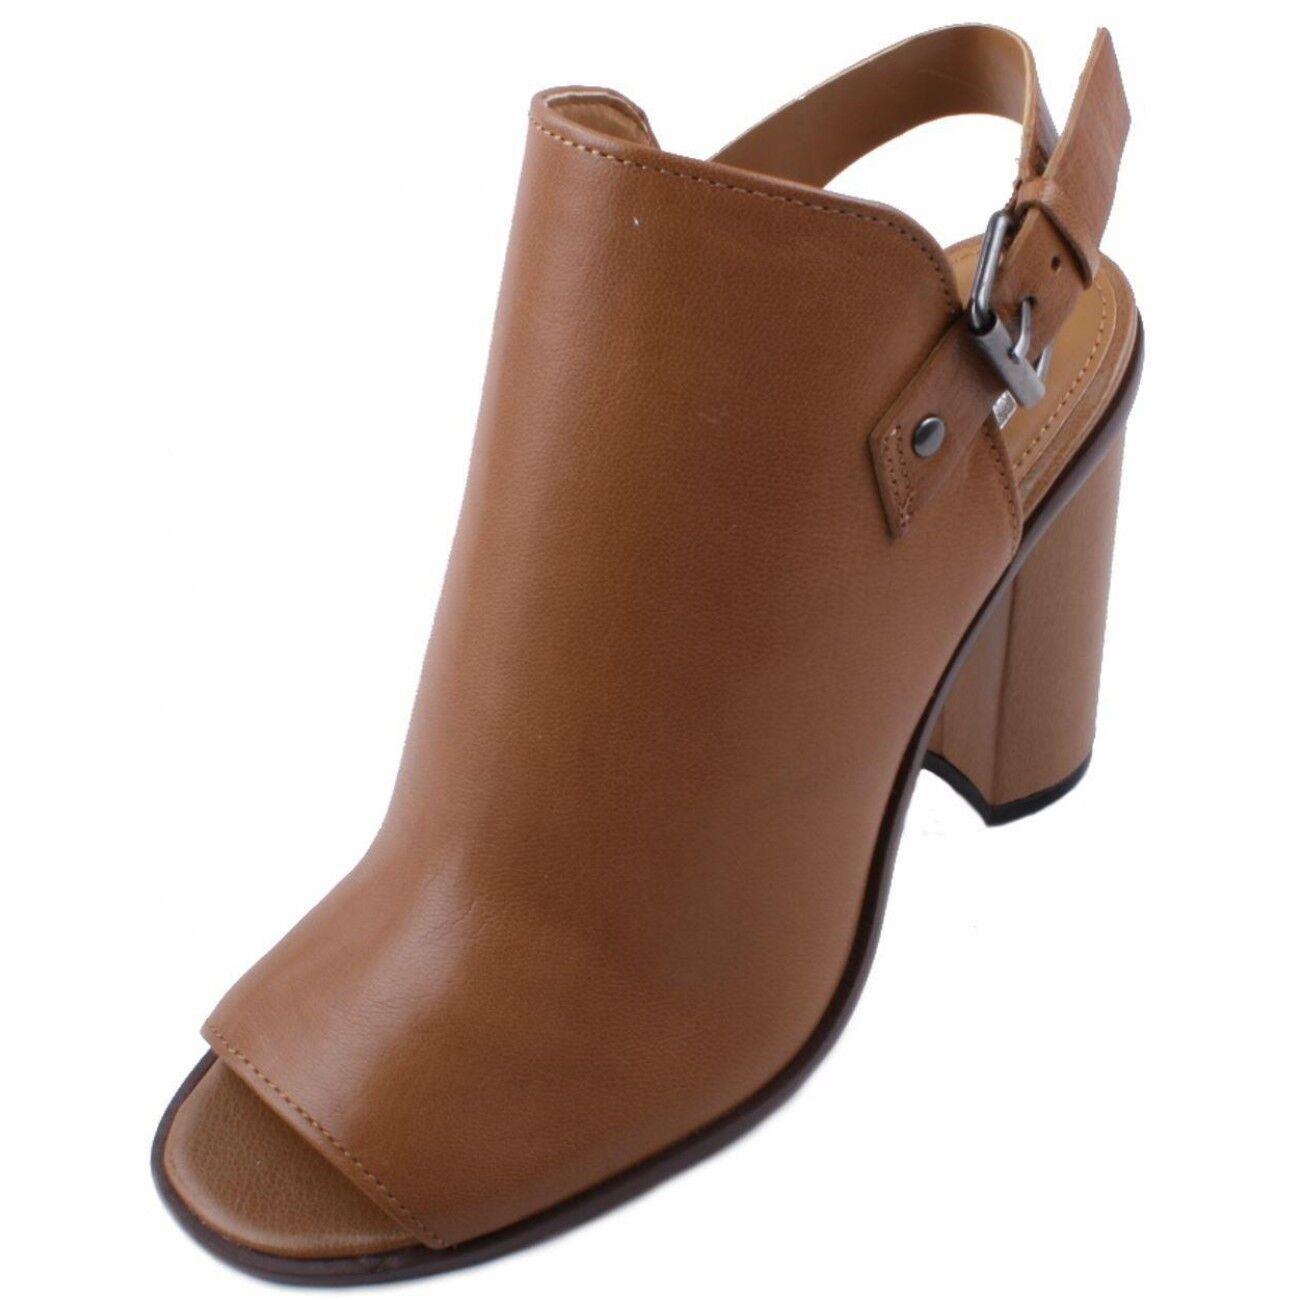 fornire un prodotto di qualità Dolce Vita Whittney donna Cognac Leather Slingback Slingback Slingback High Heel Shooties Dimensione 7  negozio outlet